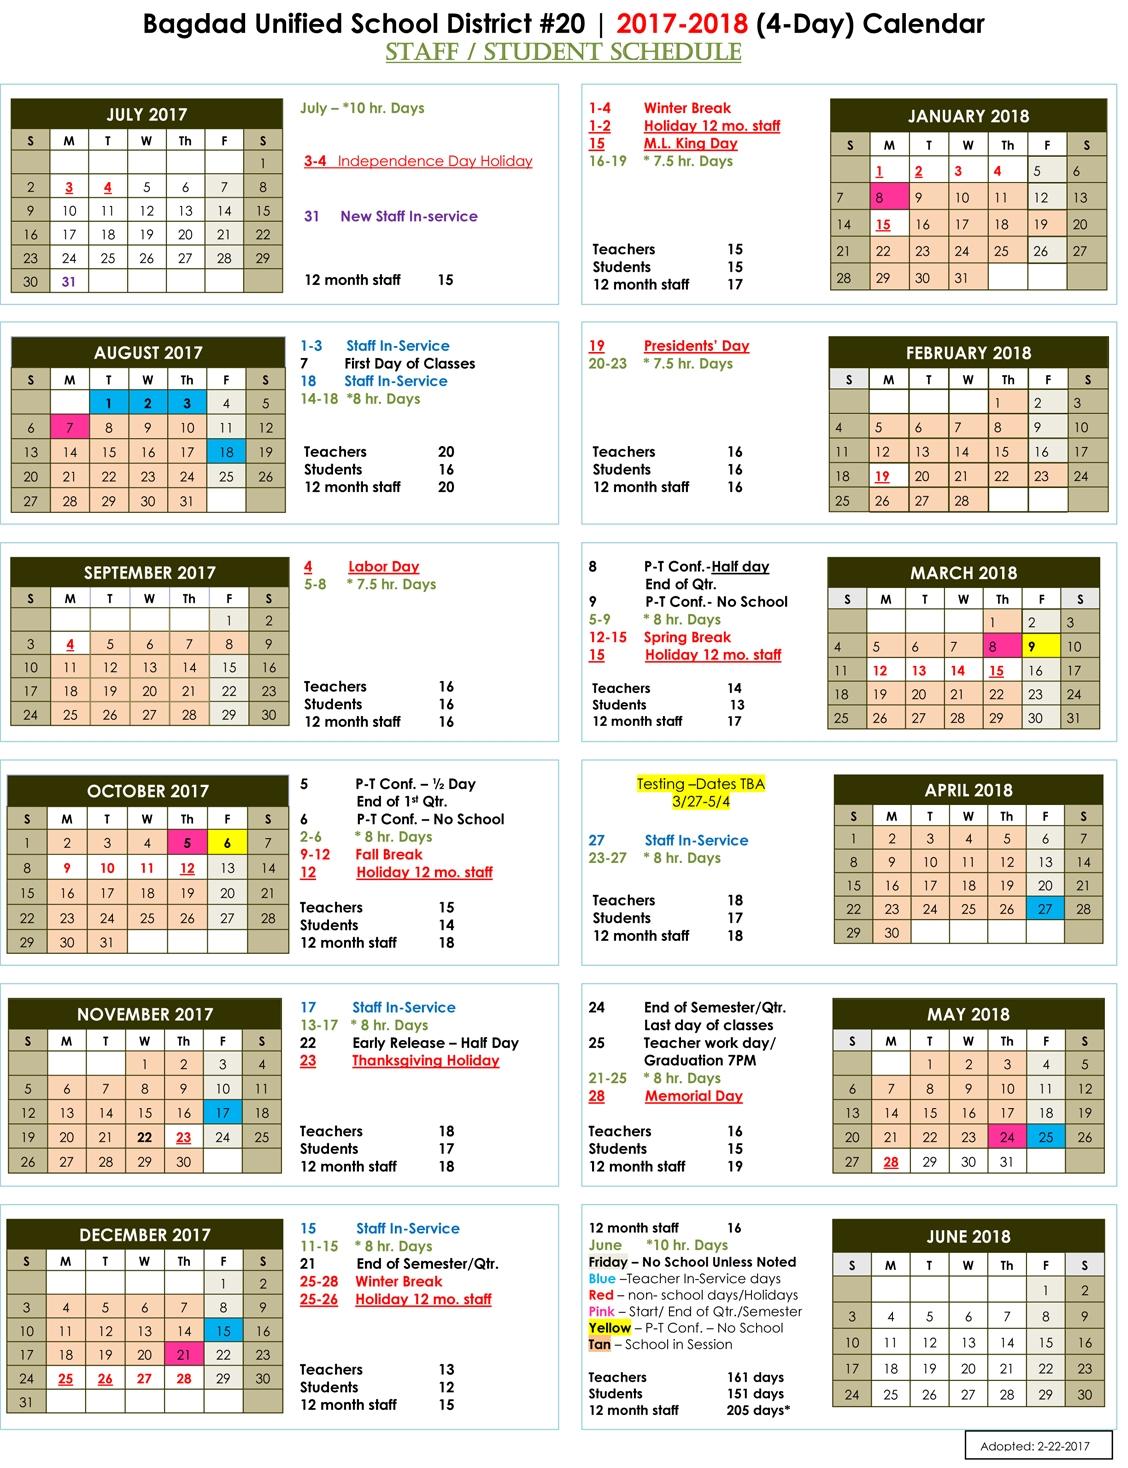 School Calendars 2017 2018 2018 2019 Bagdad Unified School3abry